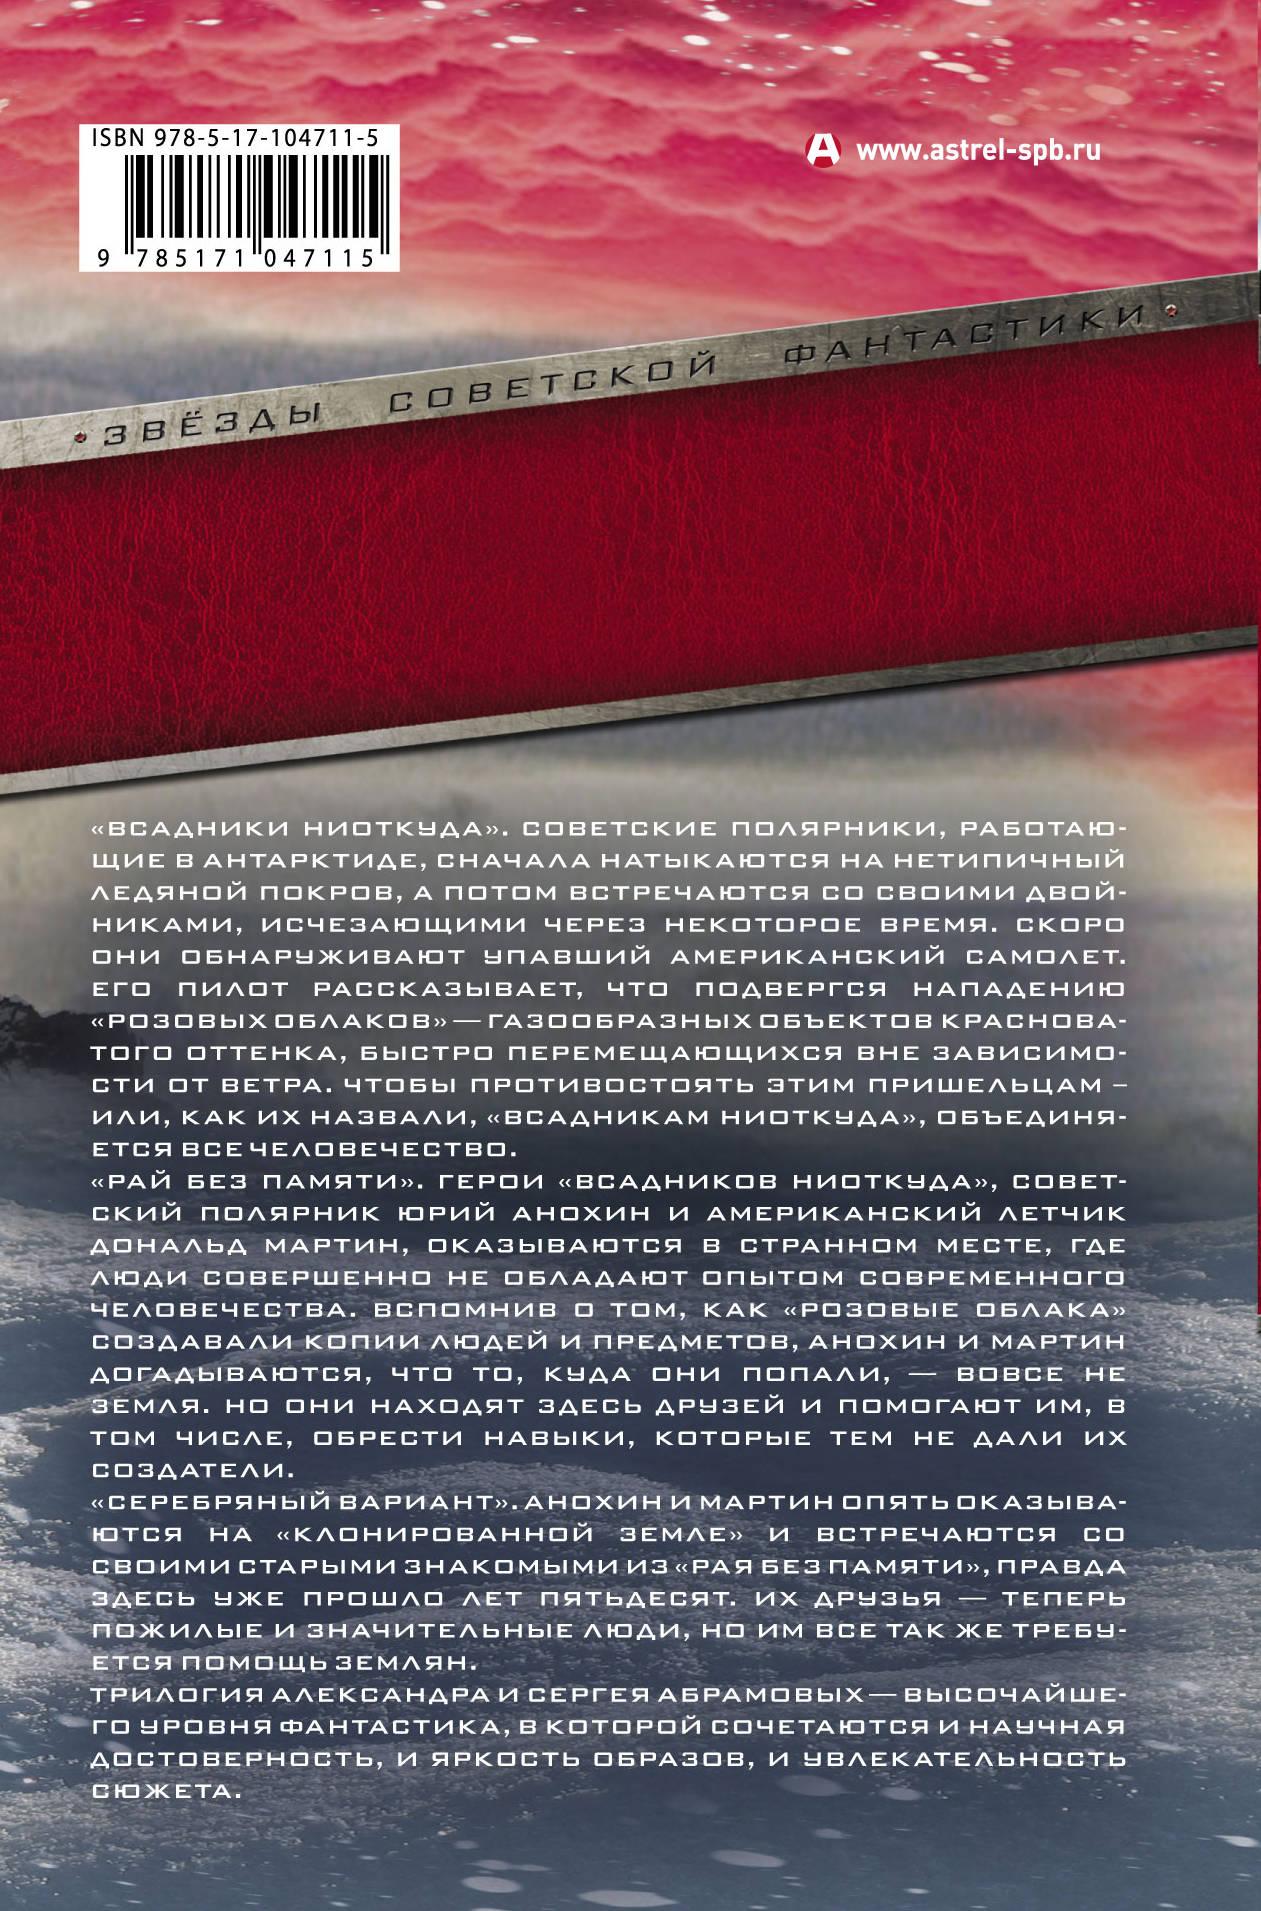 Всадники ниоткуда. Рай без памяти. Серебряный вариант. Александр и Сергей Абрамовы